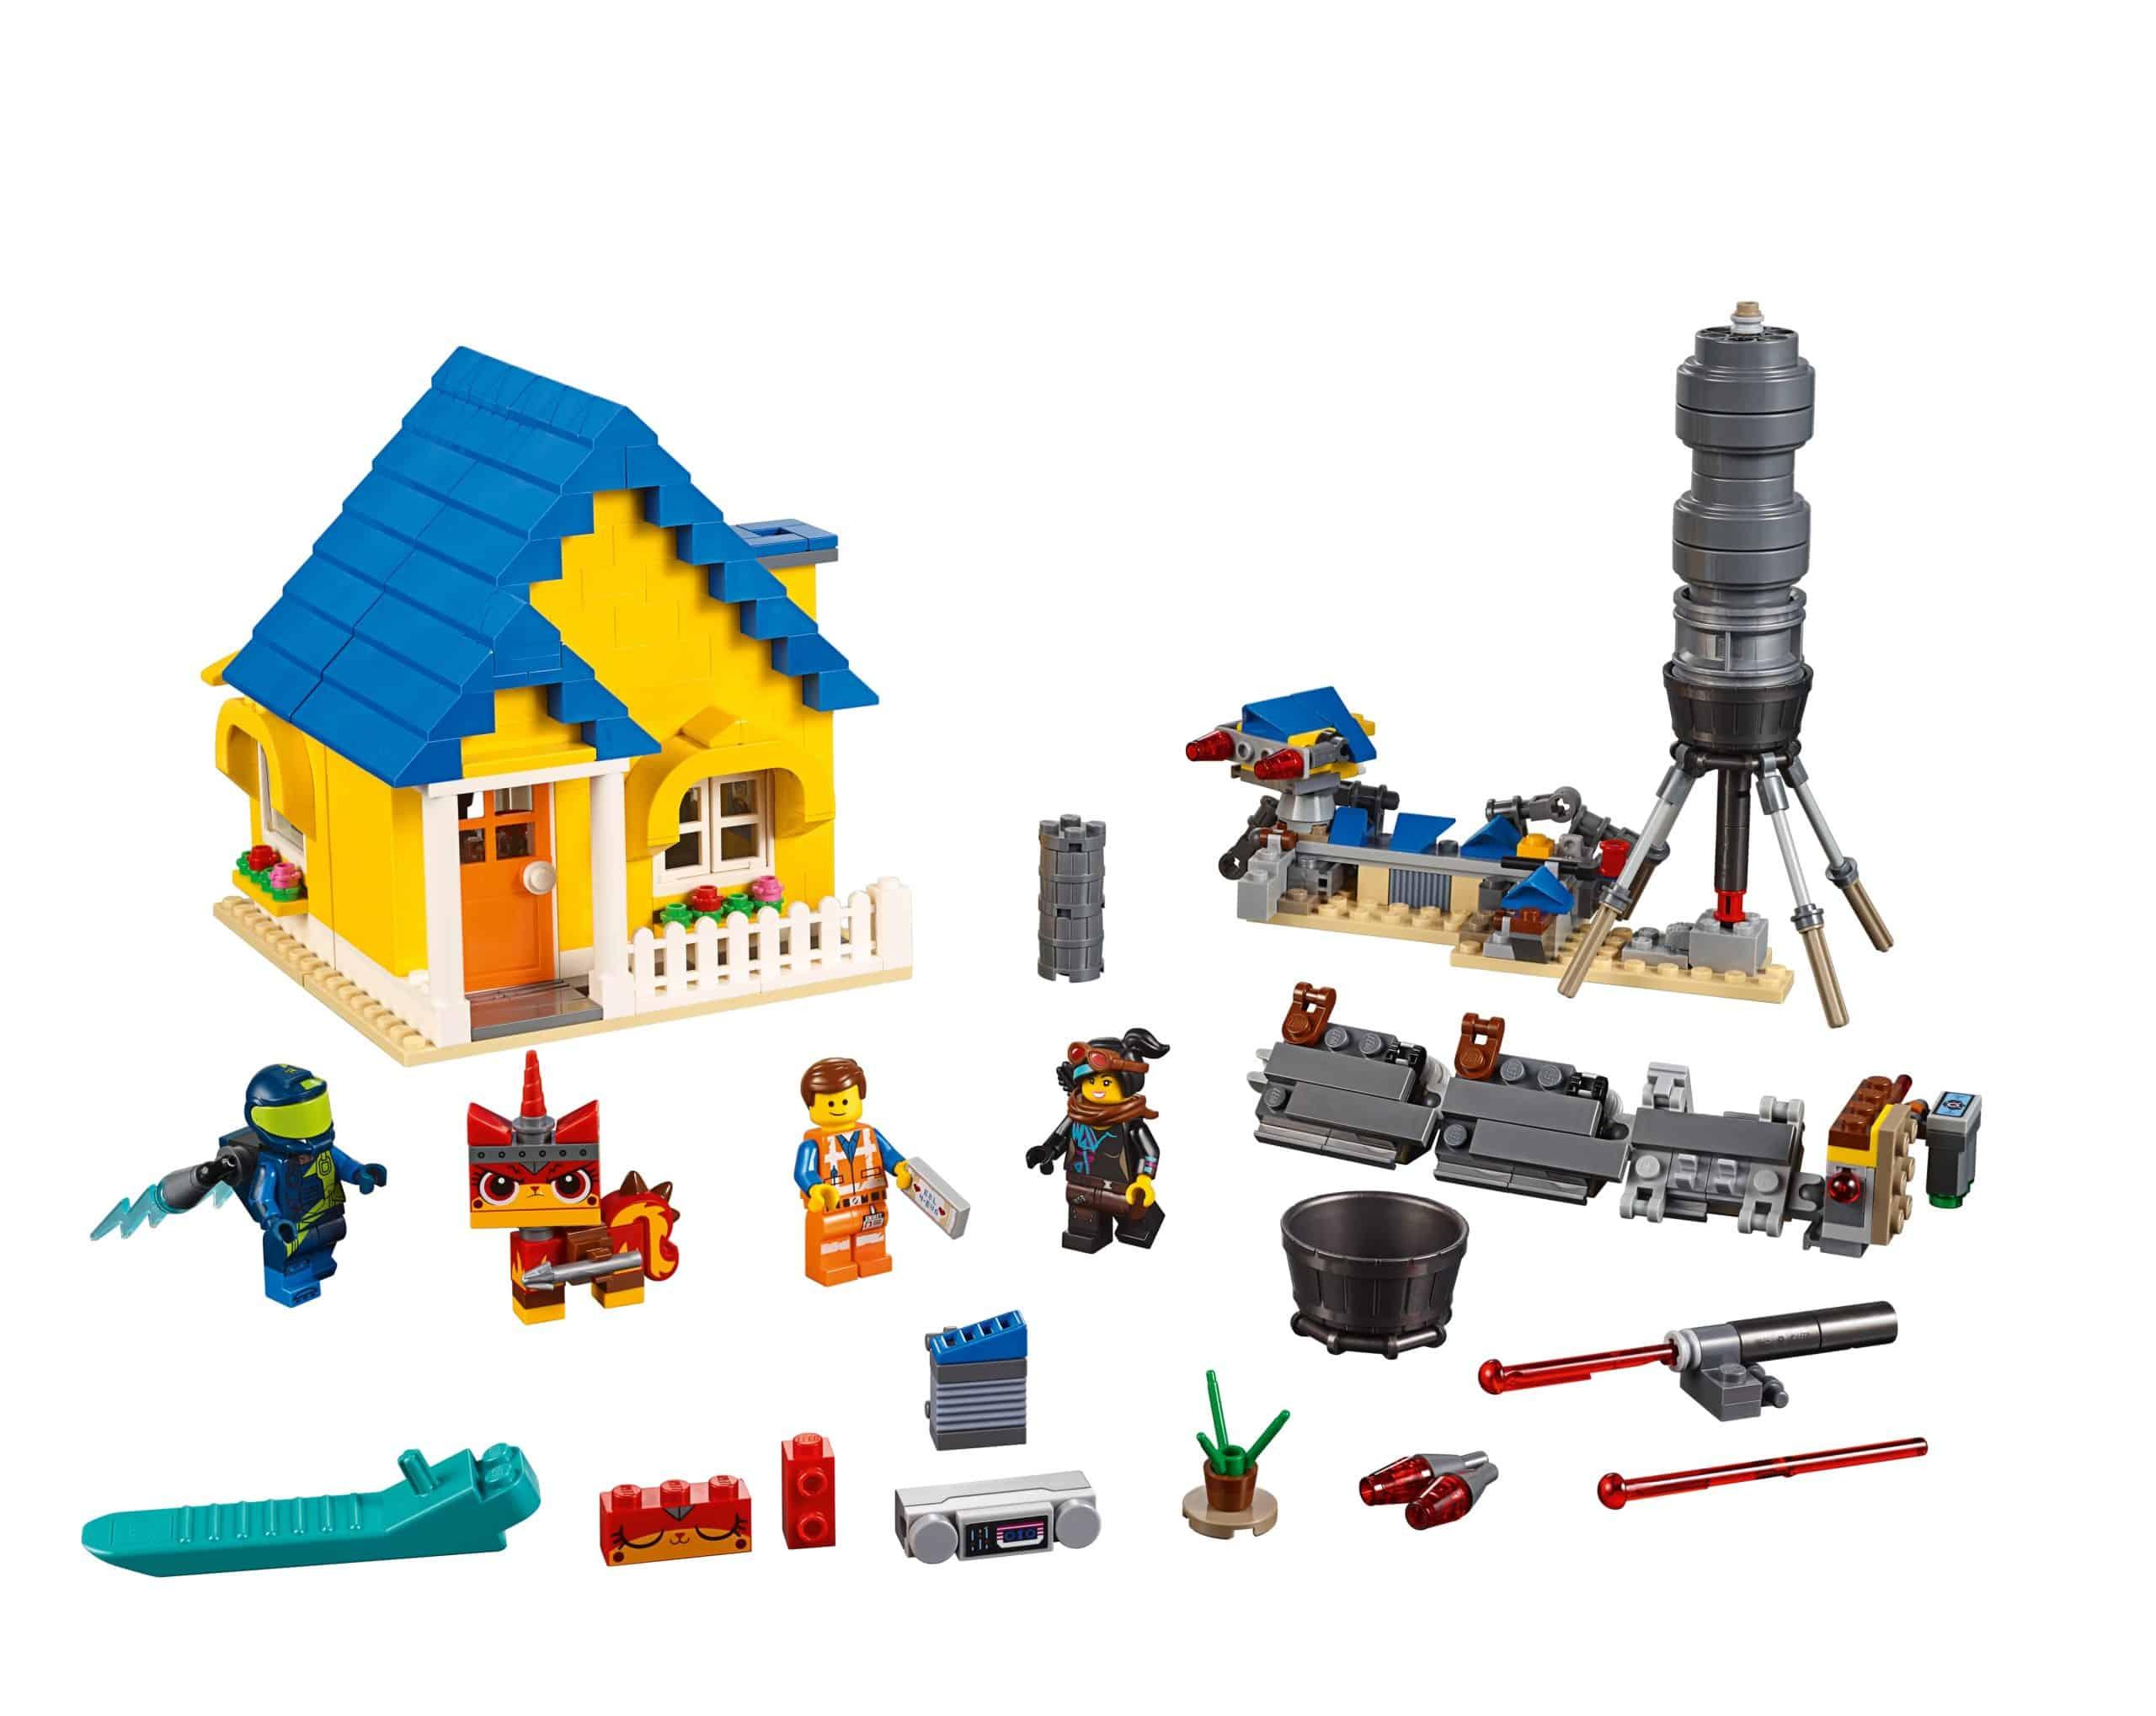 lego emmets droomhuis reddingsraket 70831 scaled